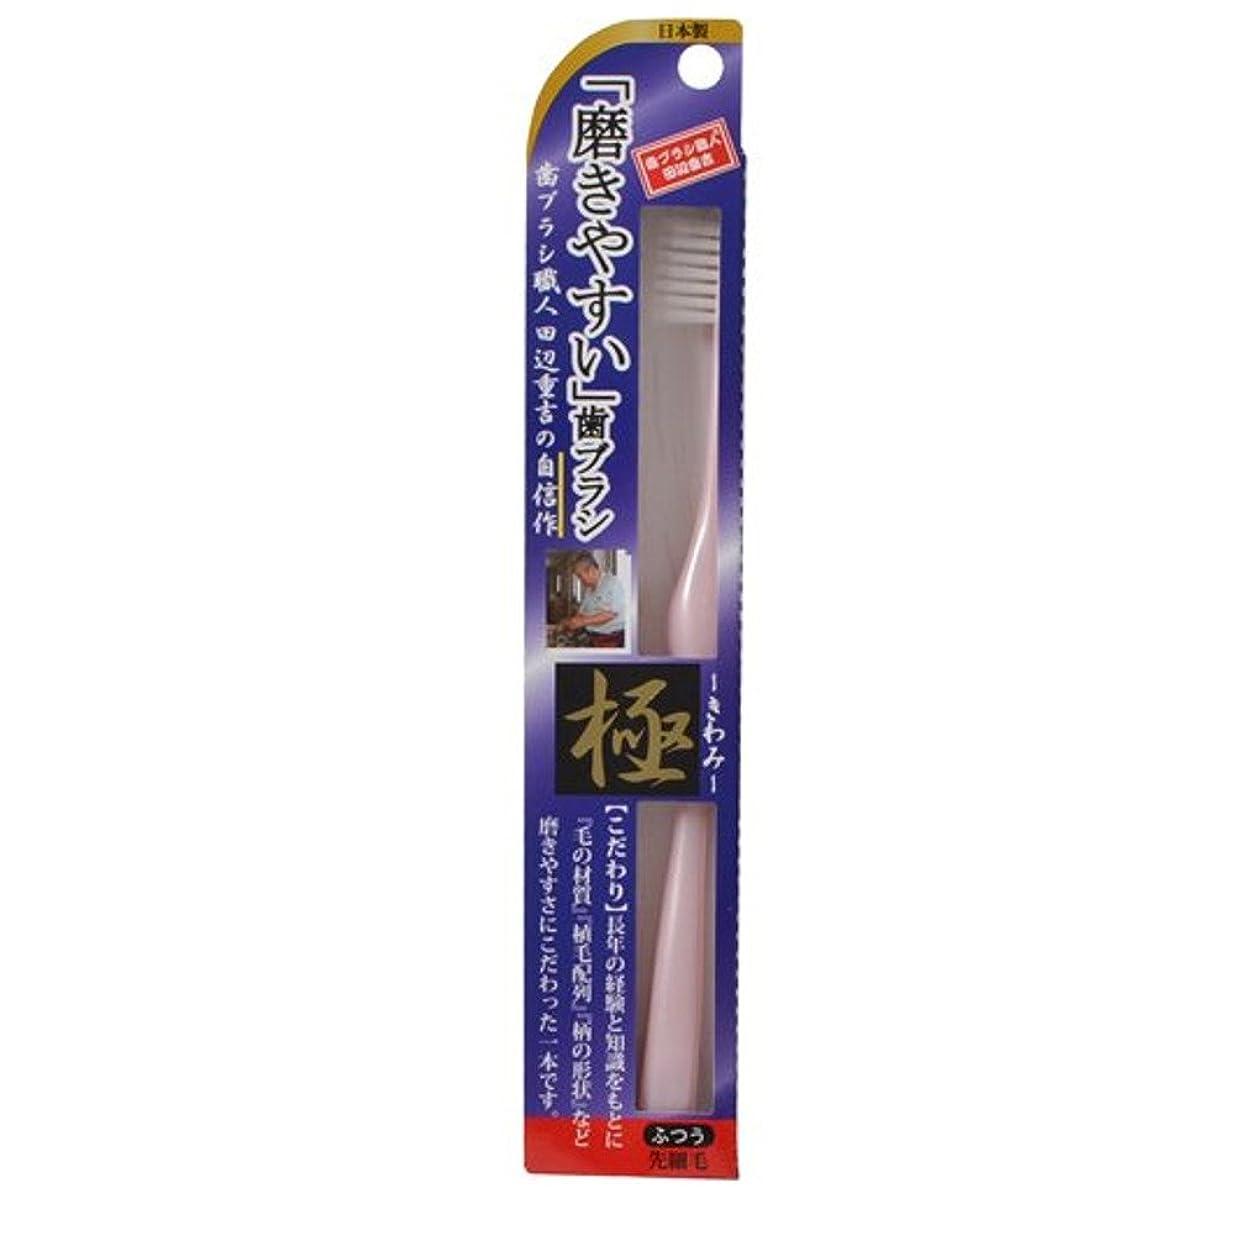 クッション控えるフィット磨きやすい歯ブラシ極 LT-22